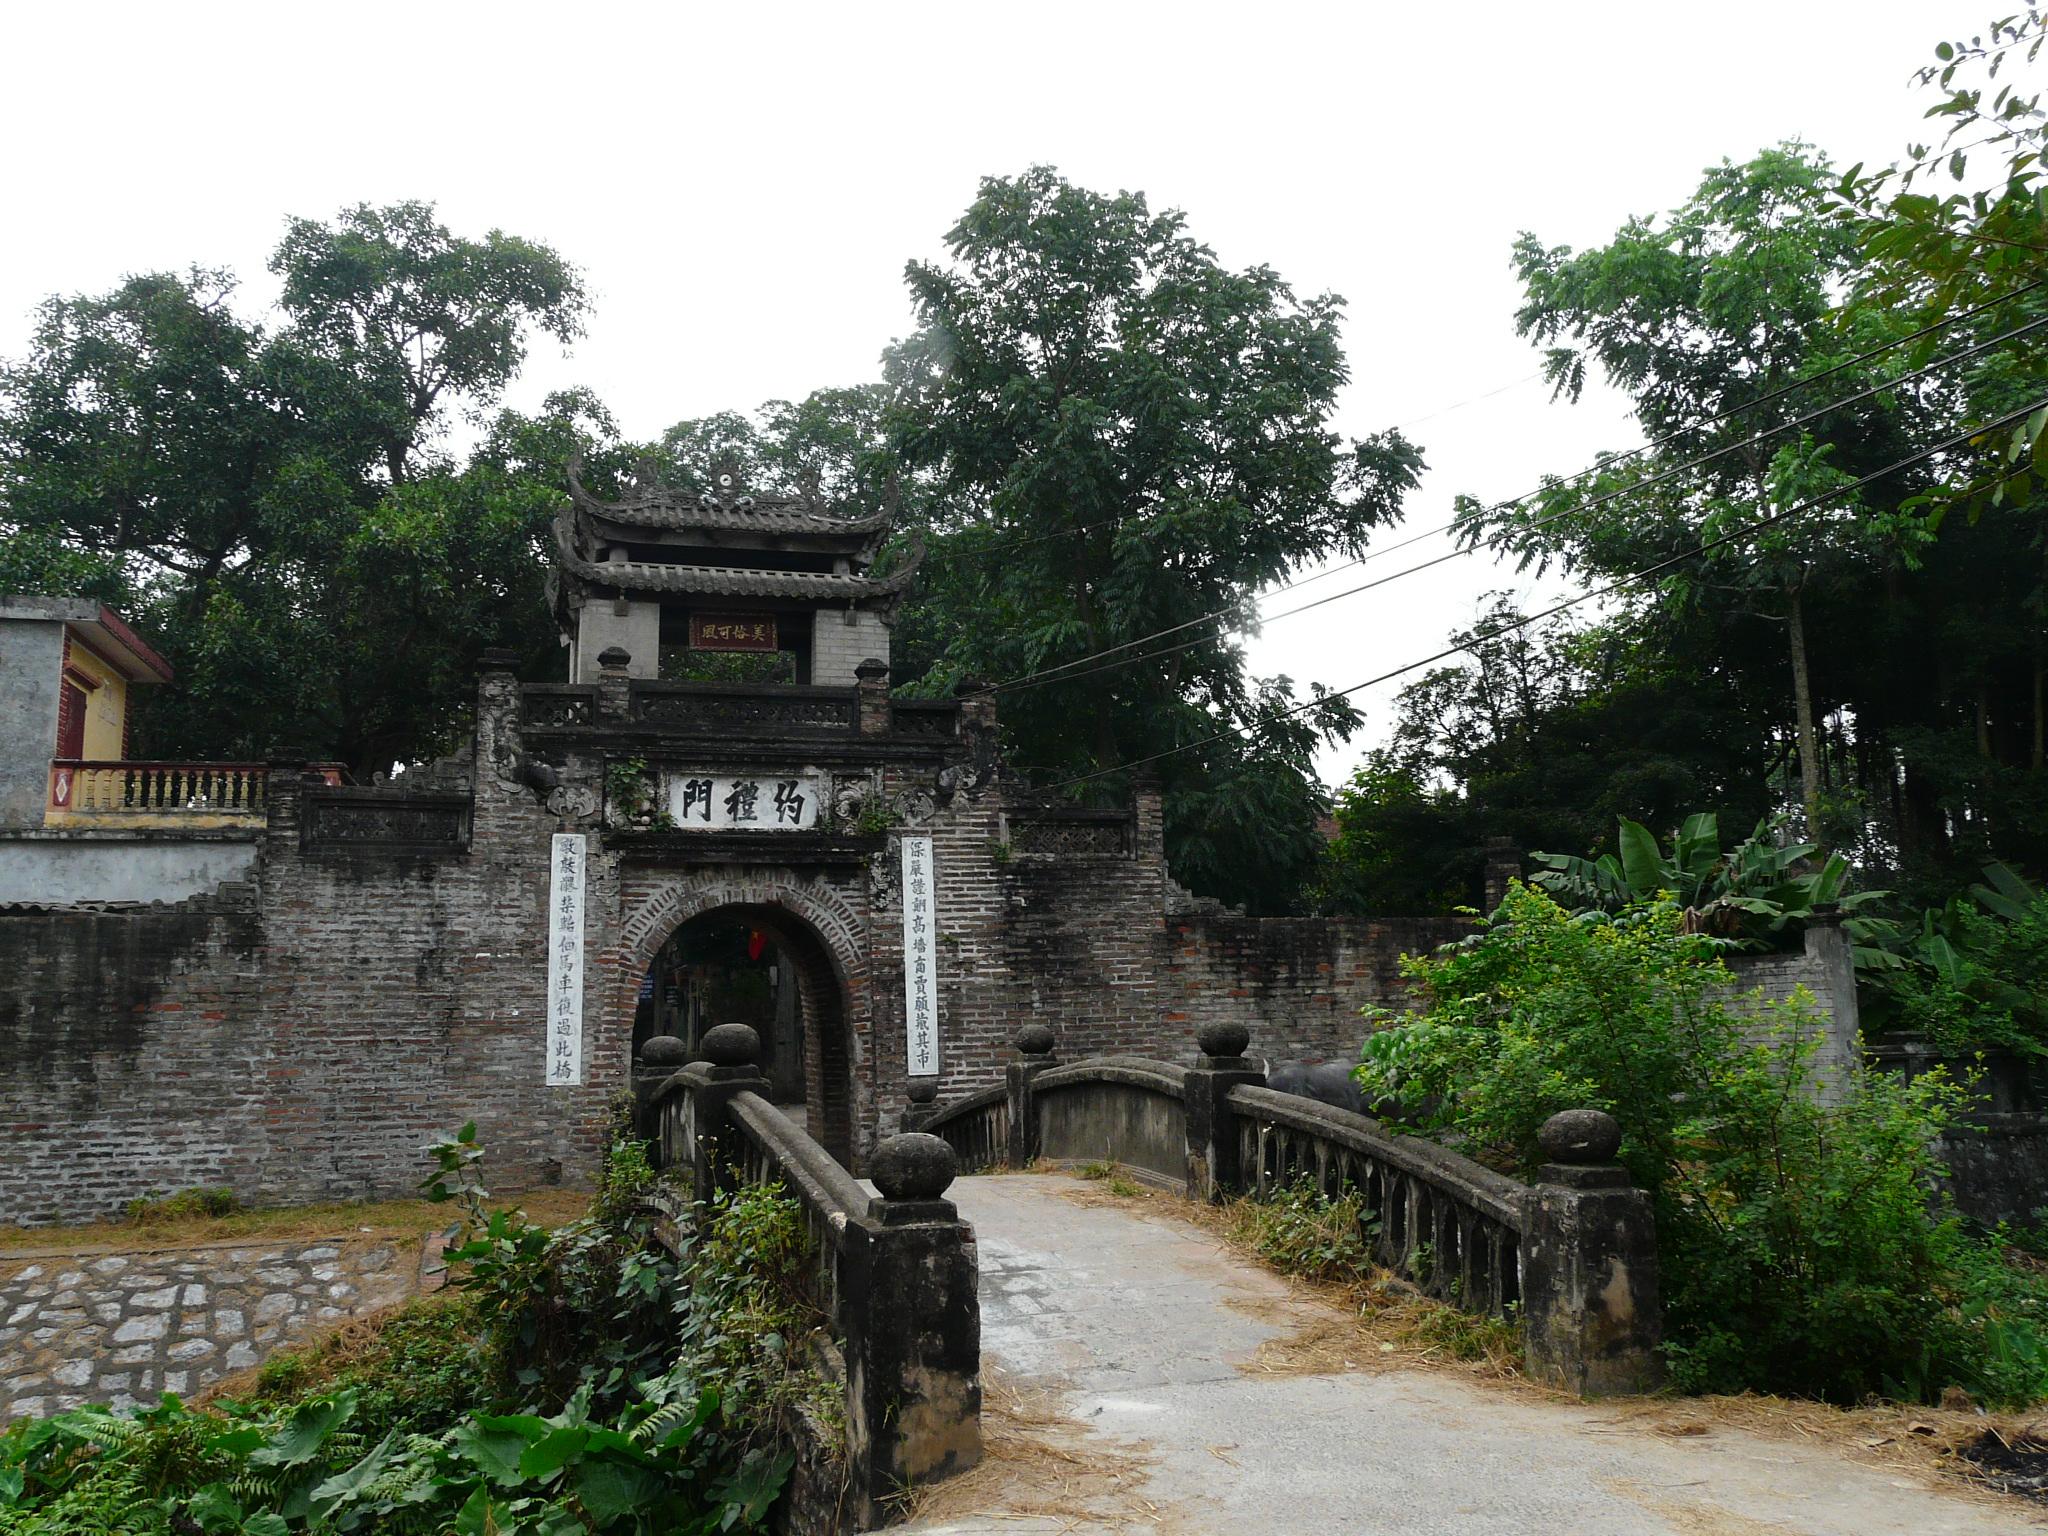 Kết quả hình ảnh cho cổng làng cổ